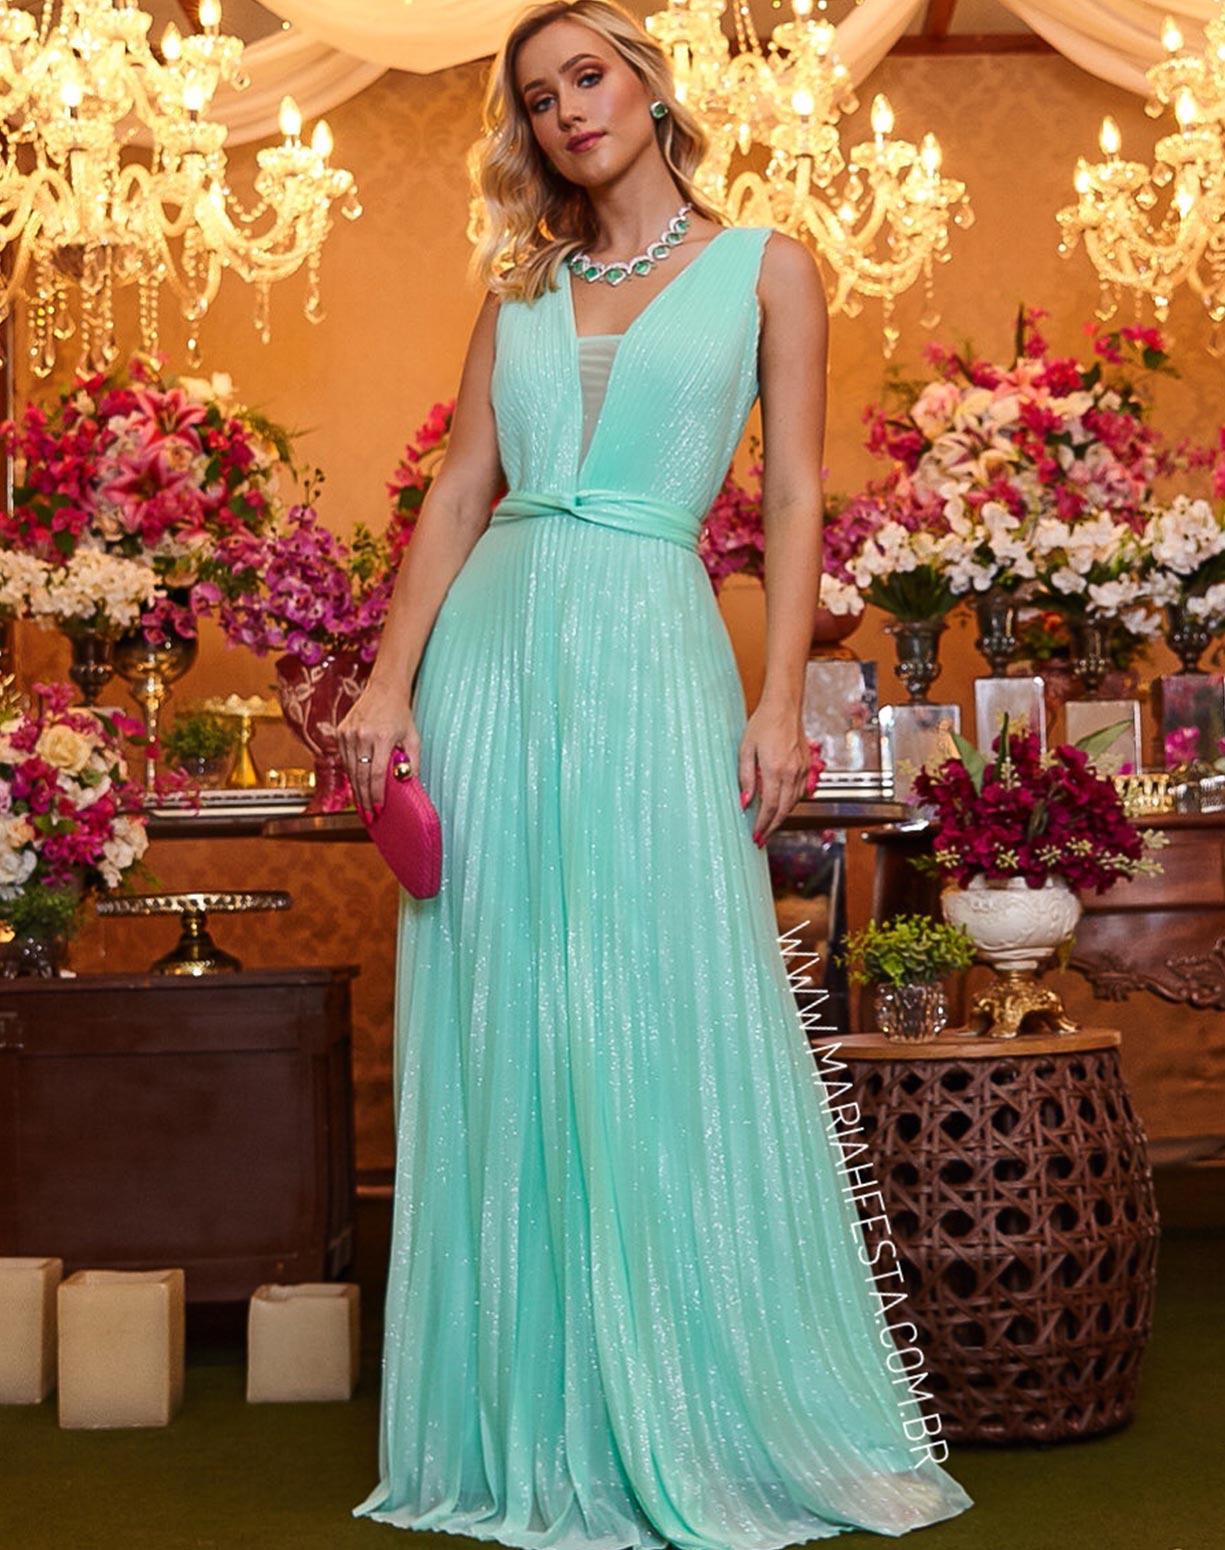 Vestido Tiffany Tule Glitter Plissado